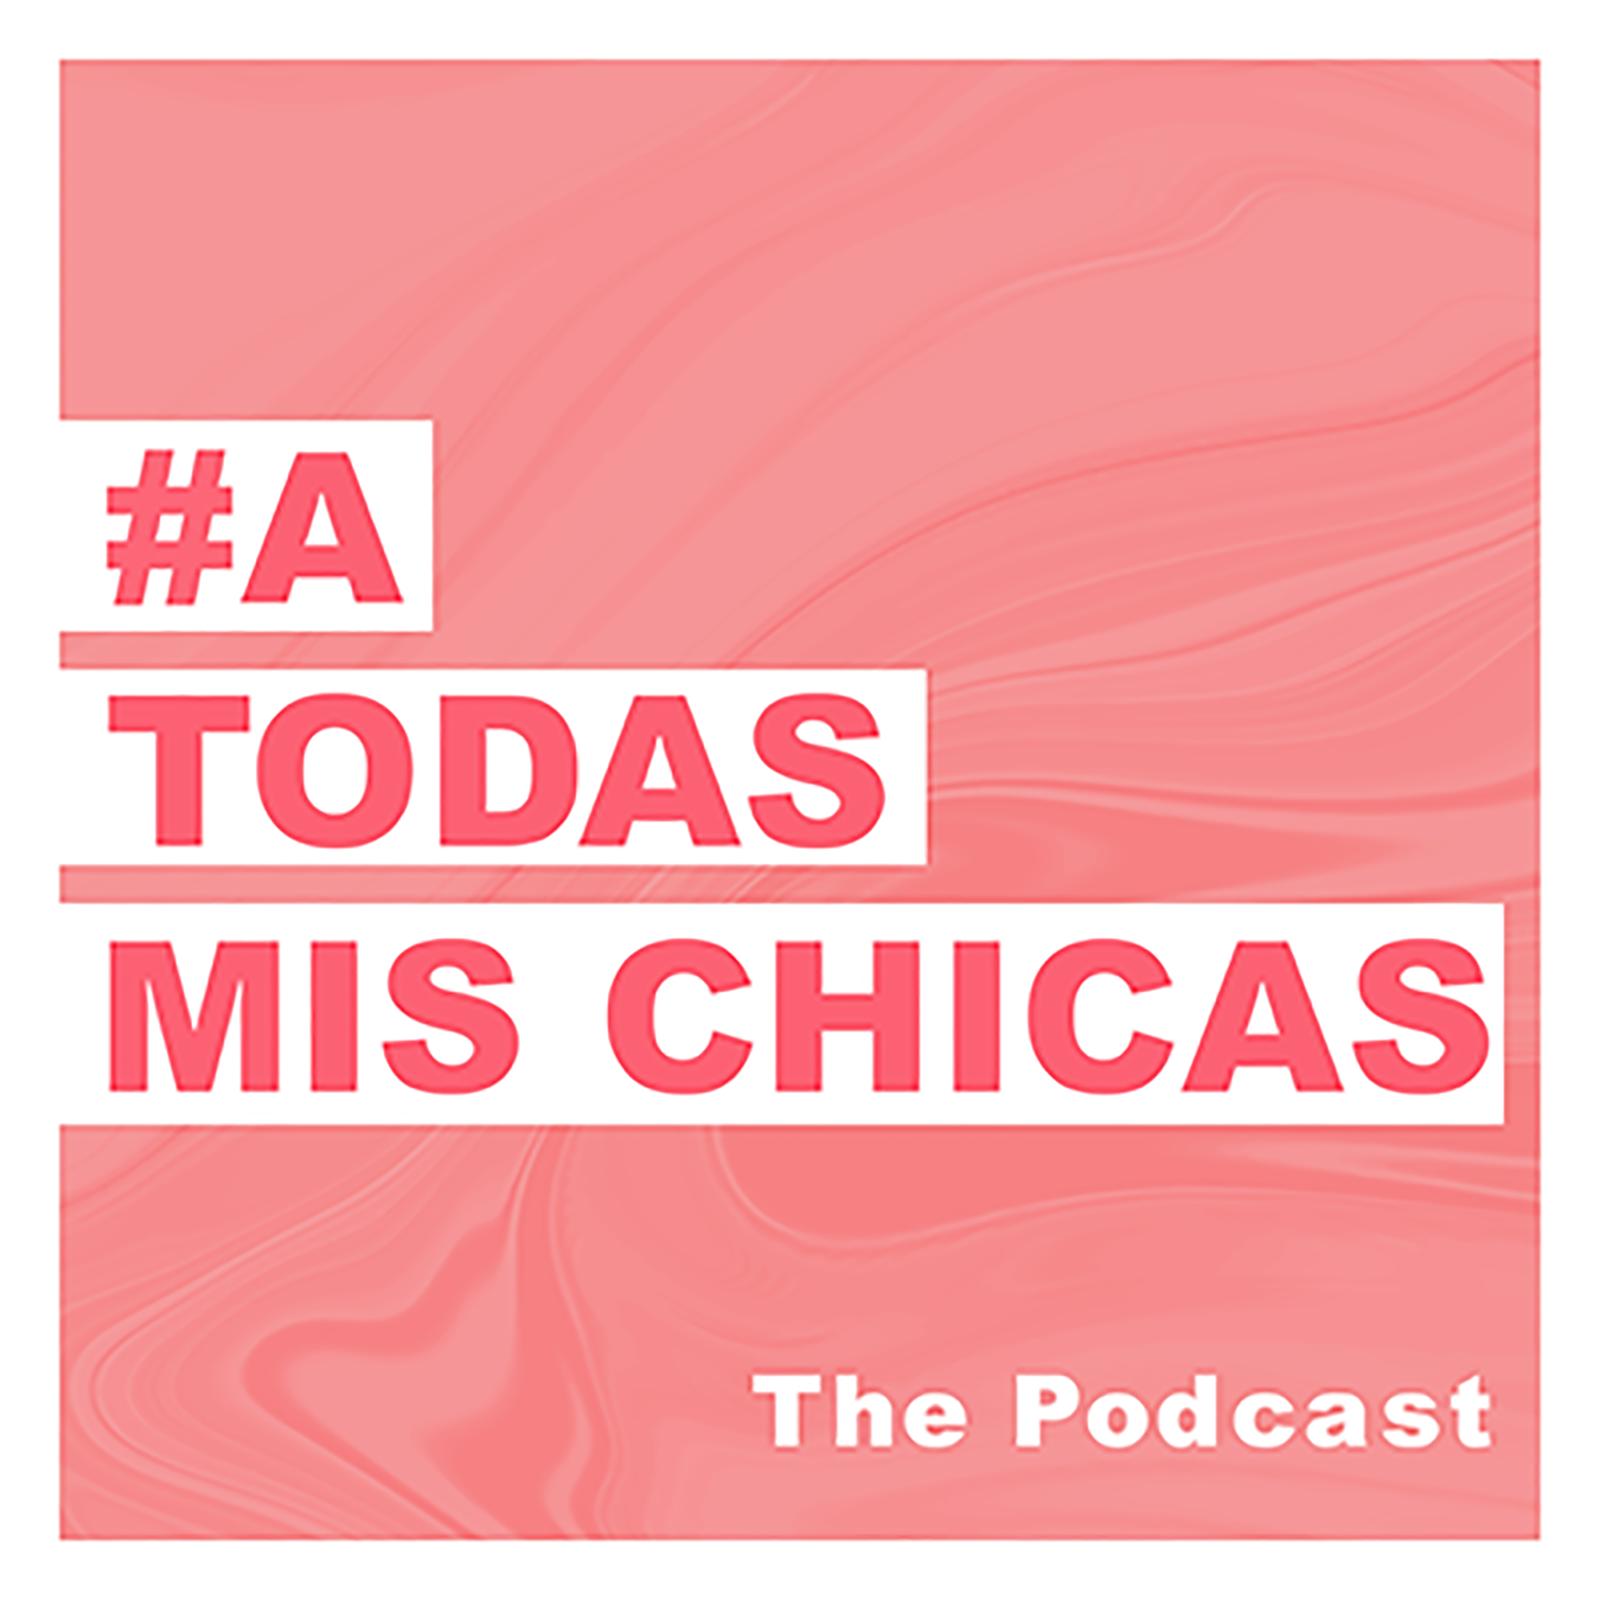 043-Más allá de la apariencia con Francisca Lachapel show art